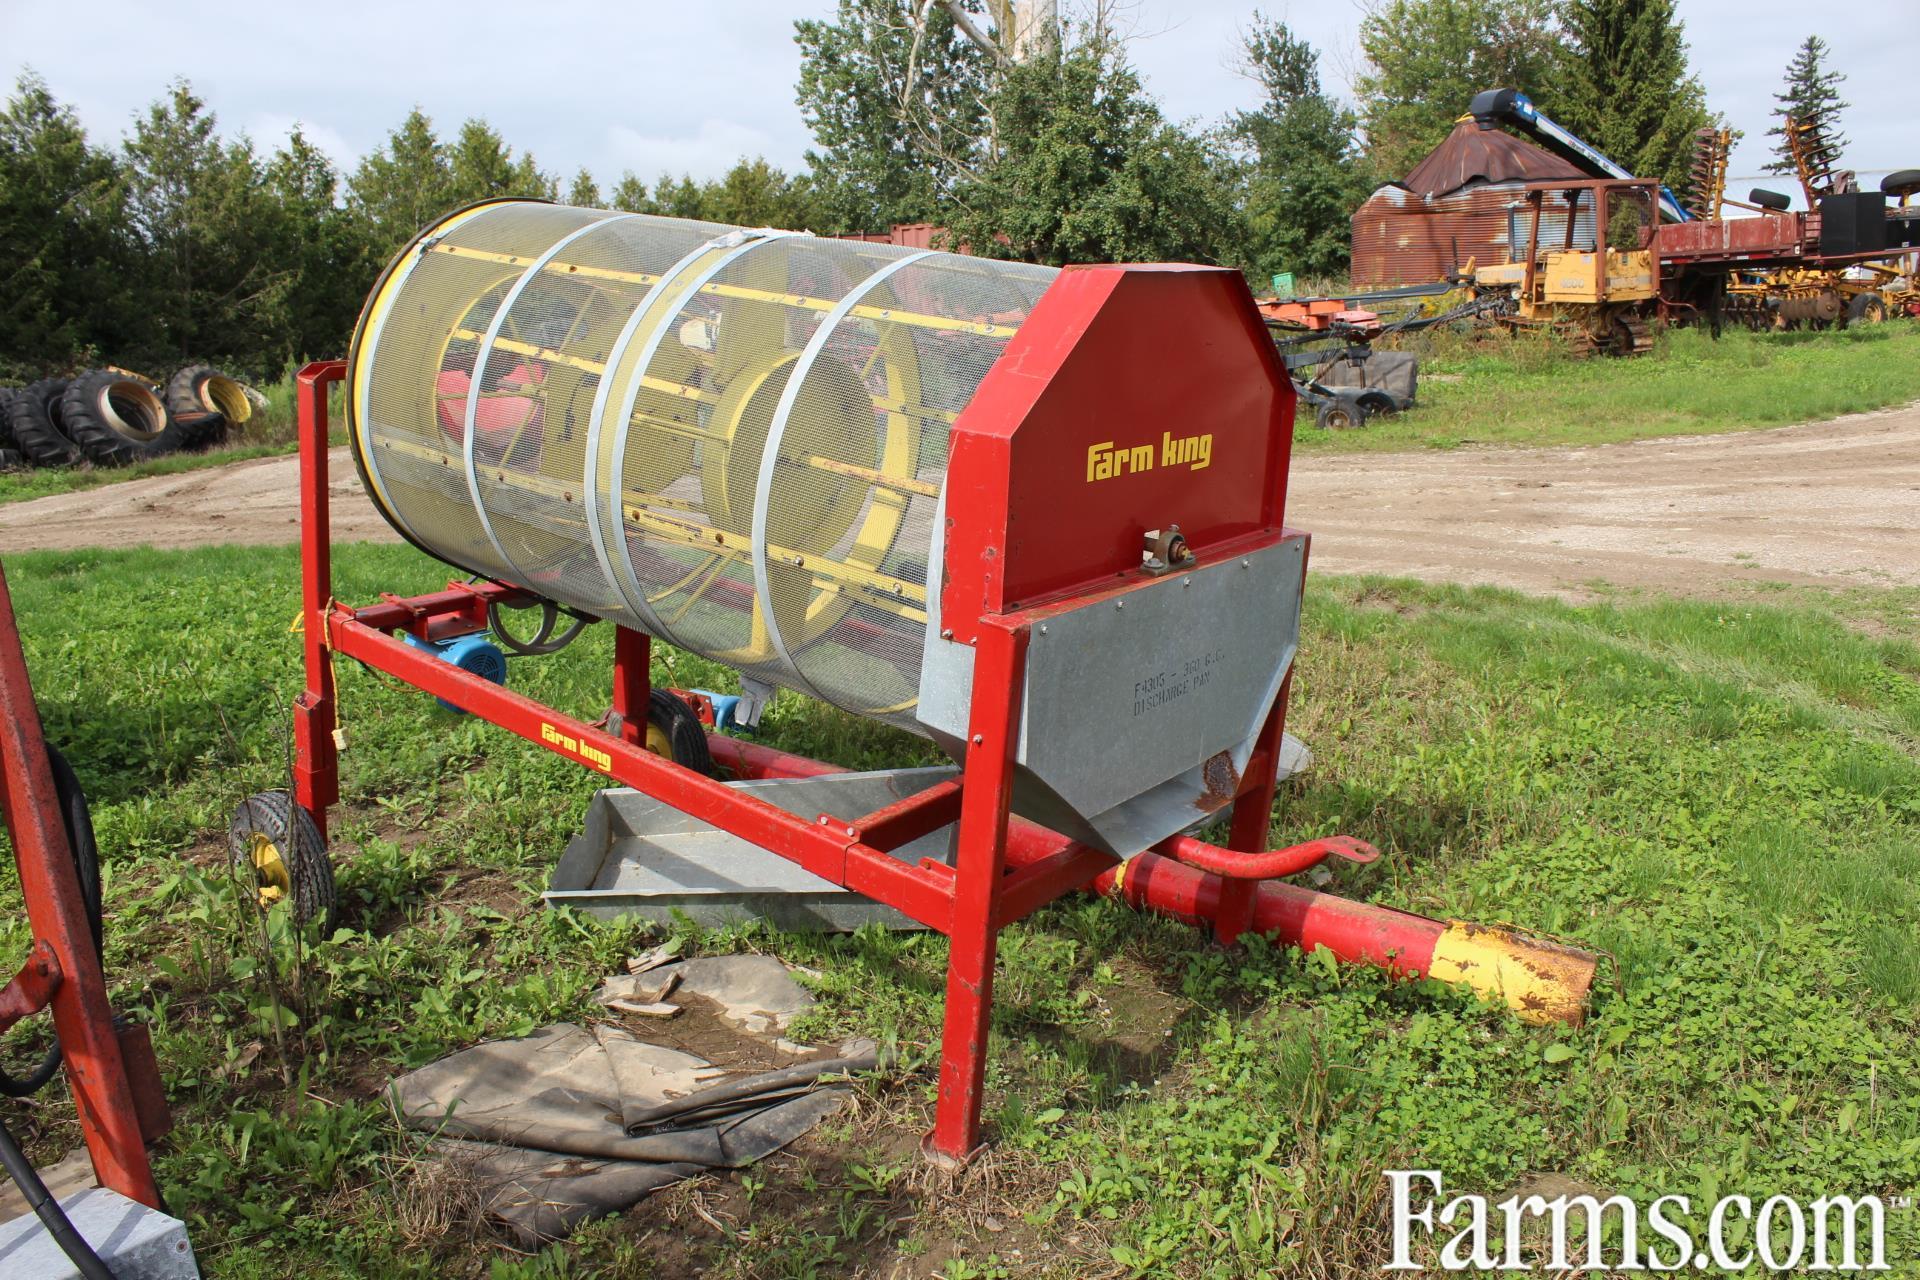 Farmking 360 Grain Chopper